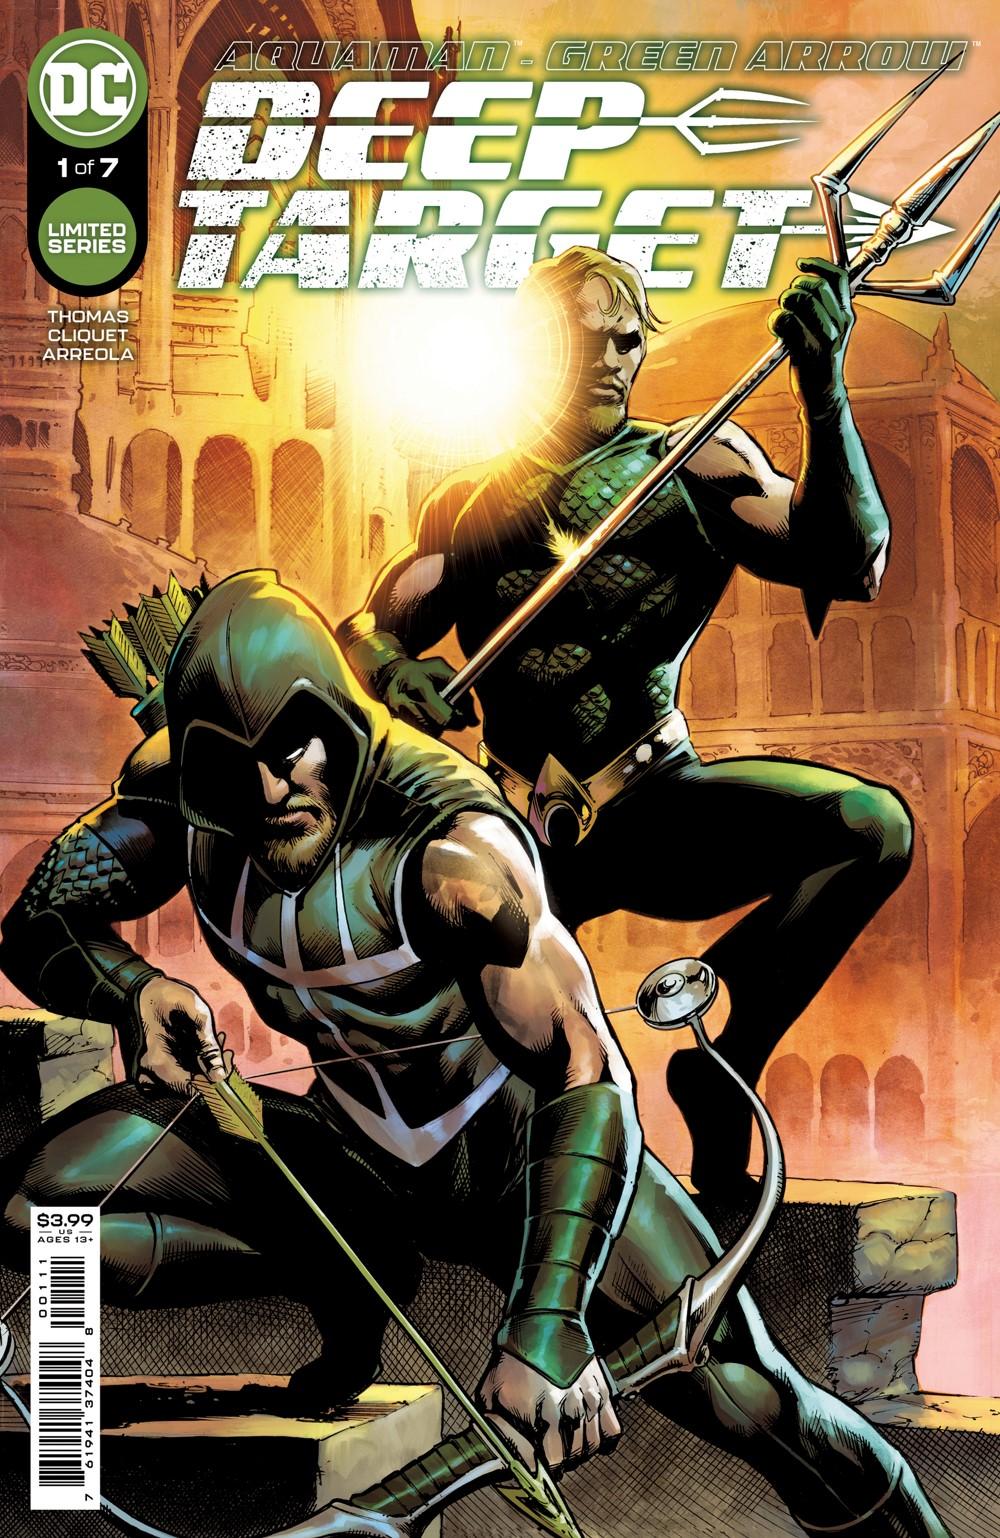 AQMGA_DT_Cv1_00111 DC Comics October 2021 Solicitations